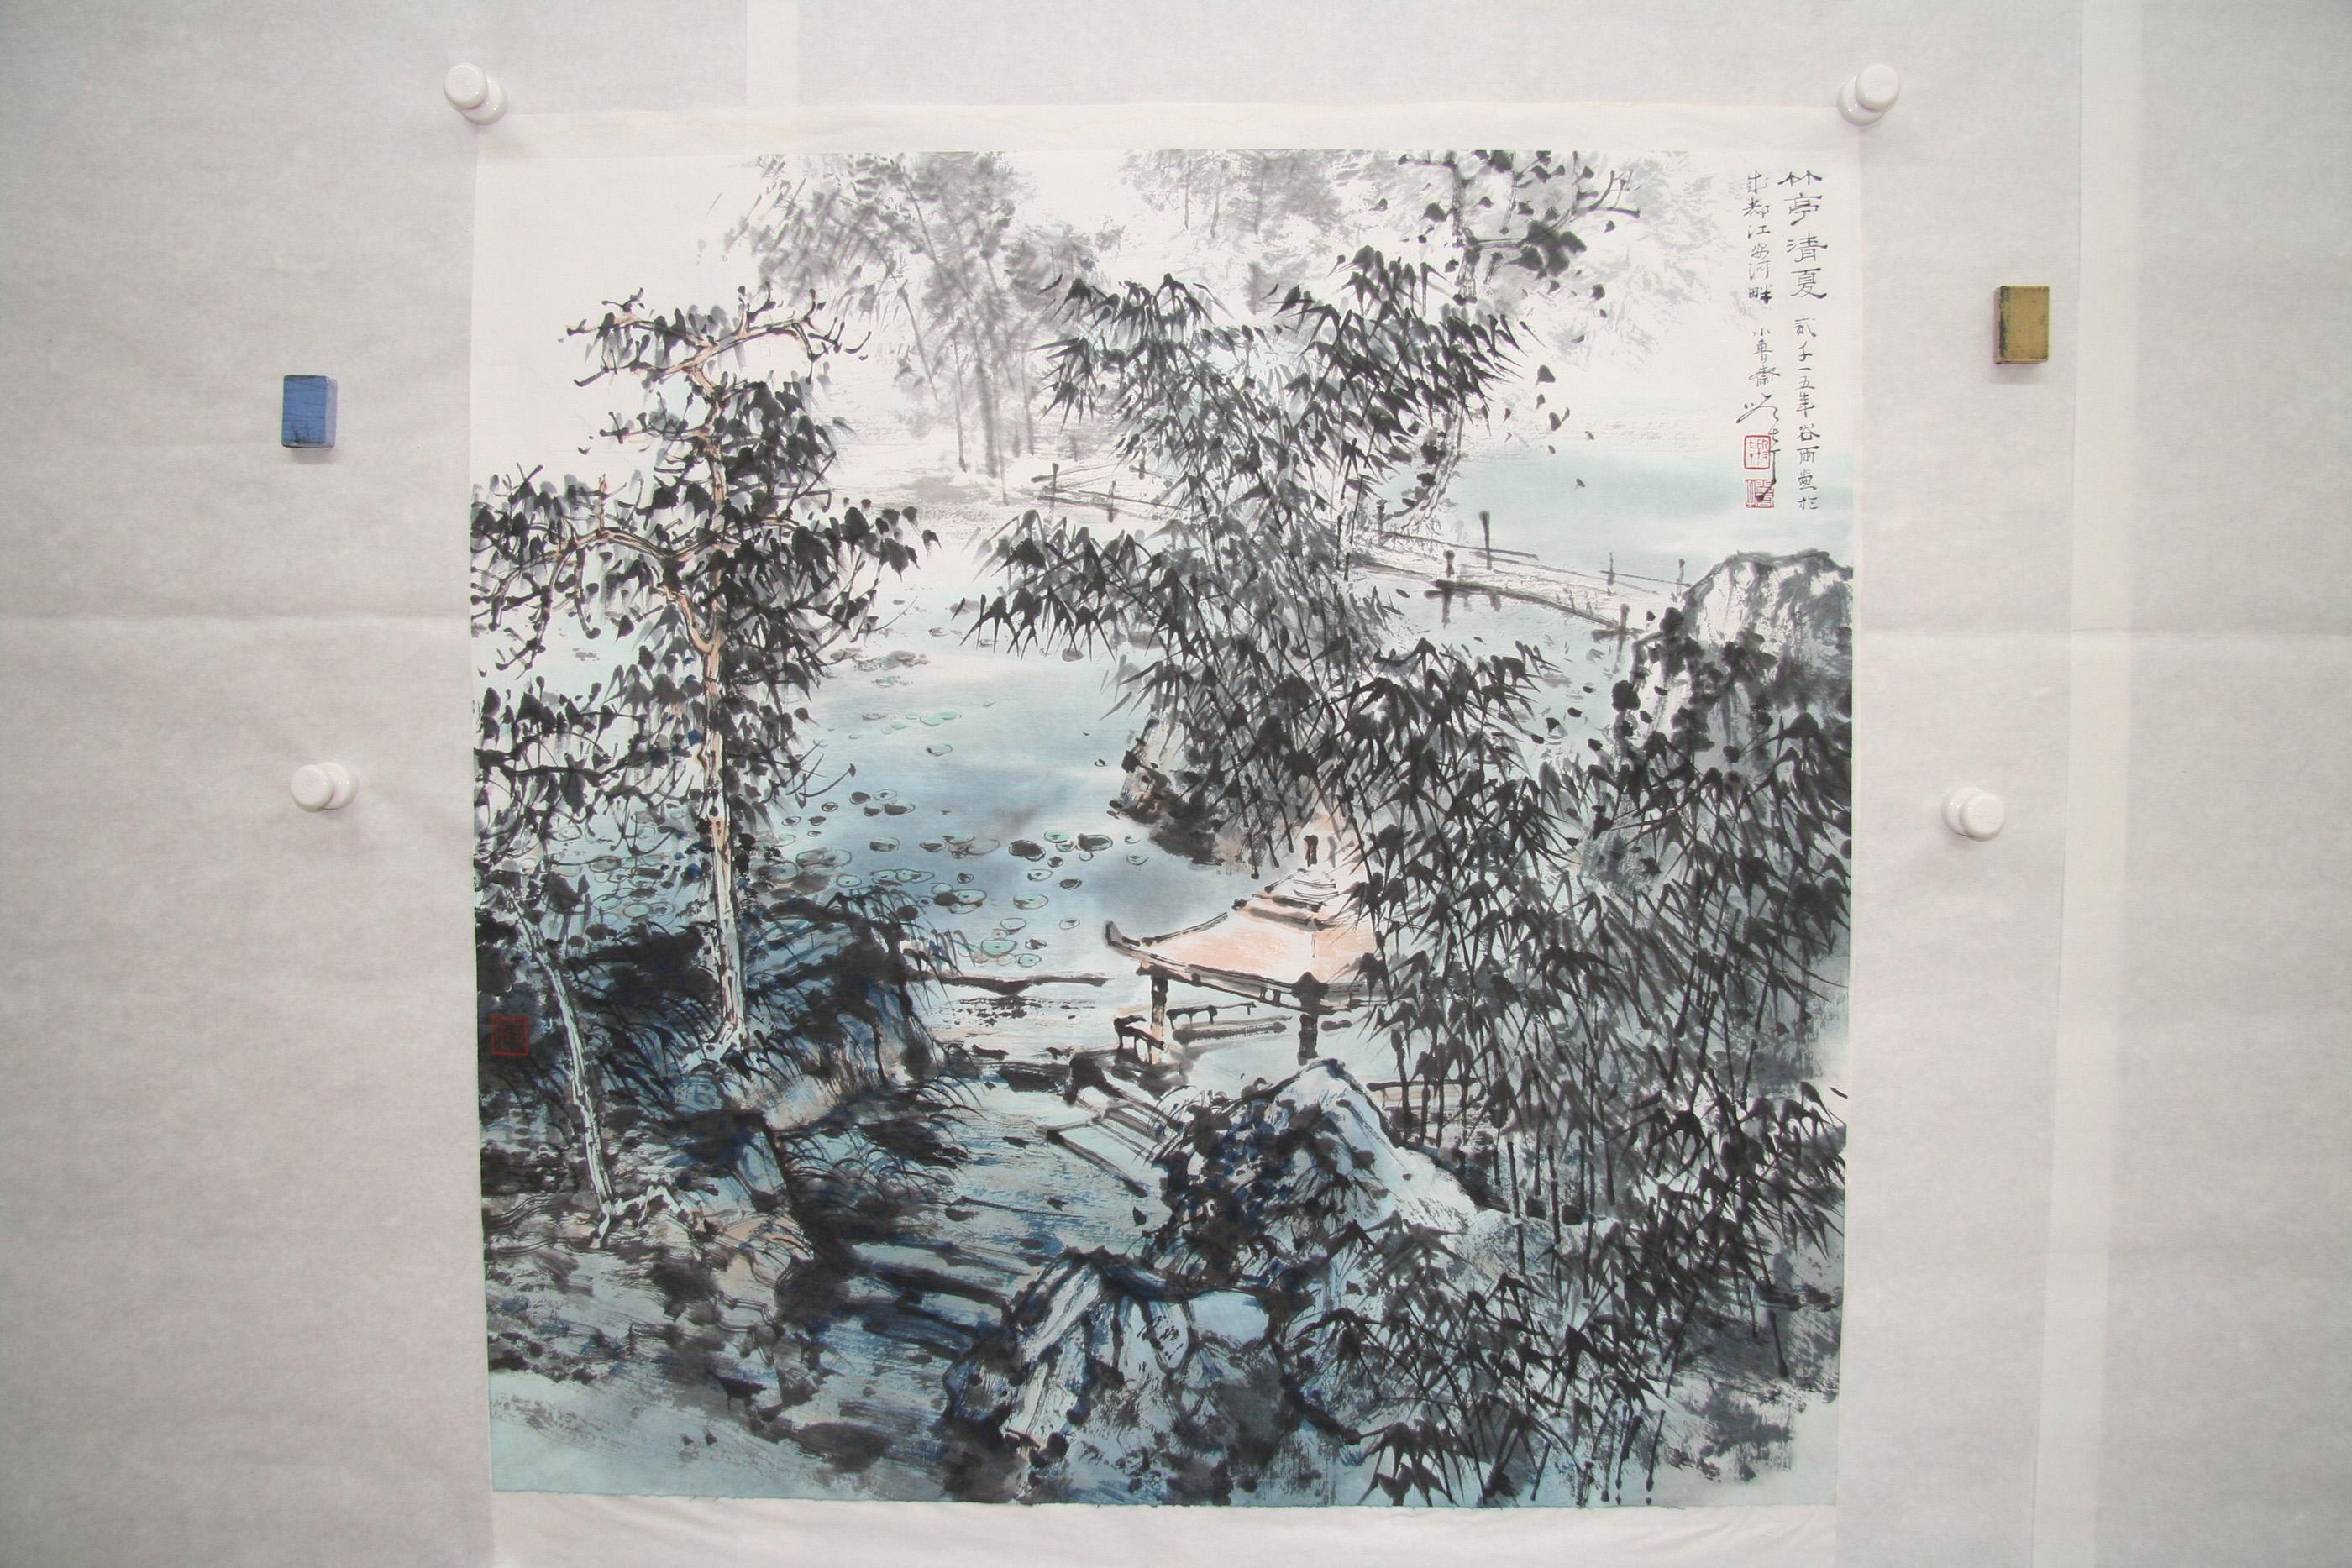 竹亭清夏 Bamboo Pavilion in Summer